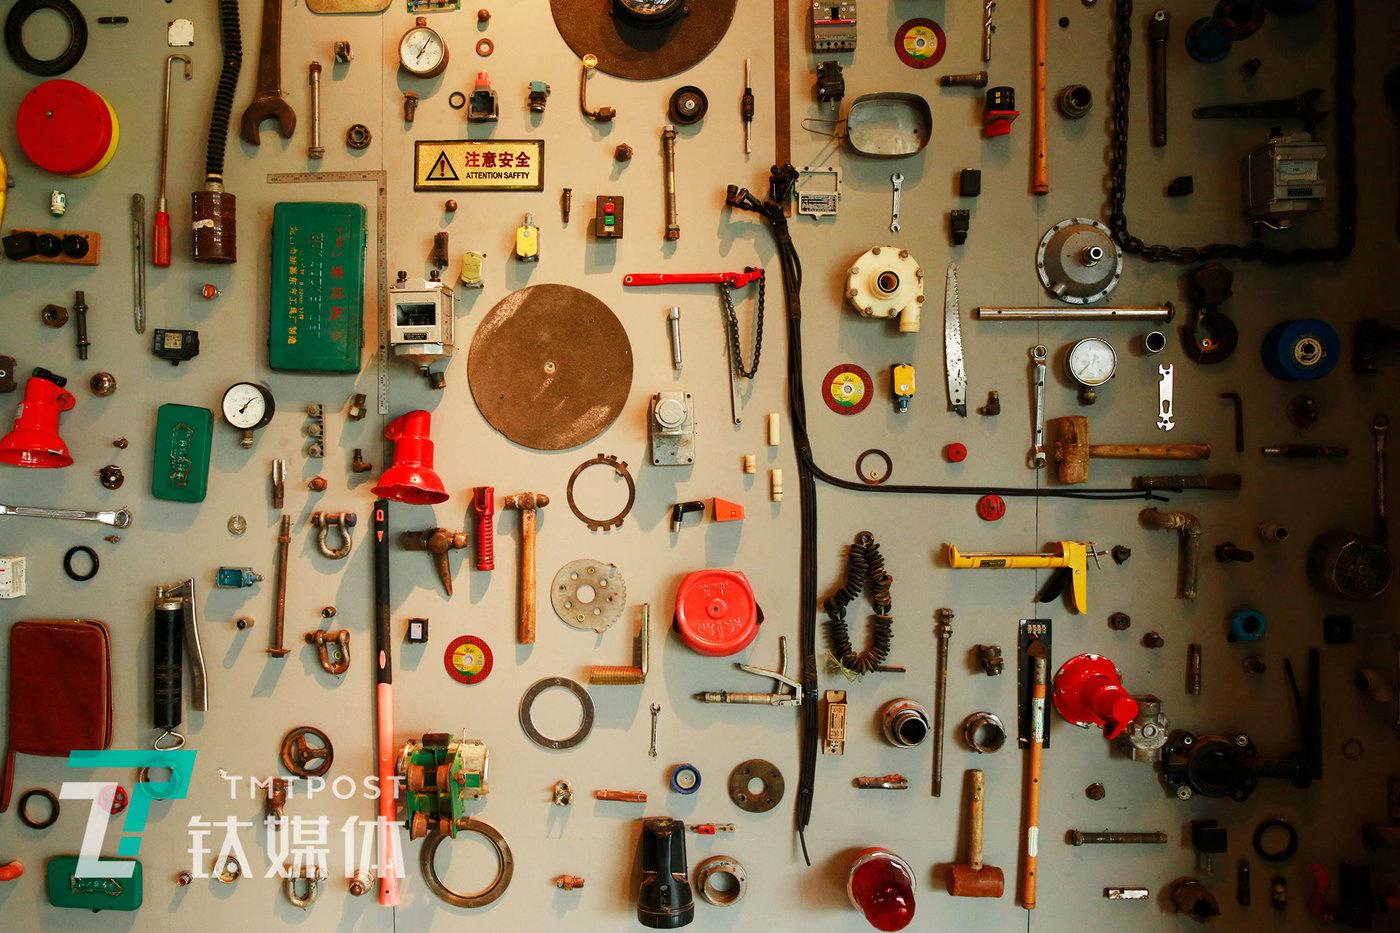 """首钢园区""""Shang Brew香啤坊""""艺术墙,墙上挂满原首钢工人们从全国各地寄来的劳动工具和零件"""